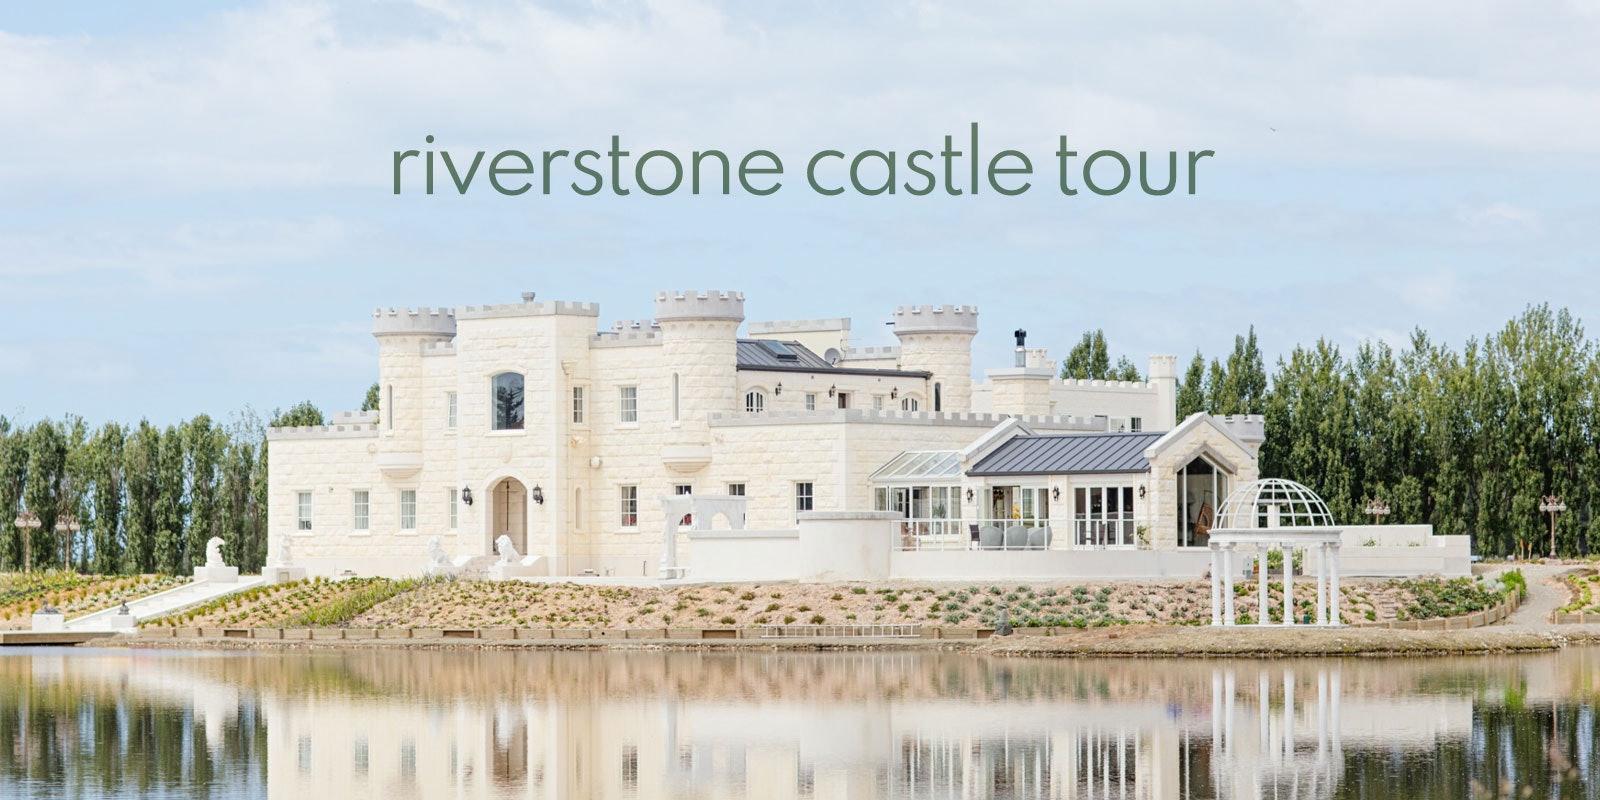 Riverstone Castle Tour